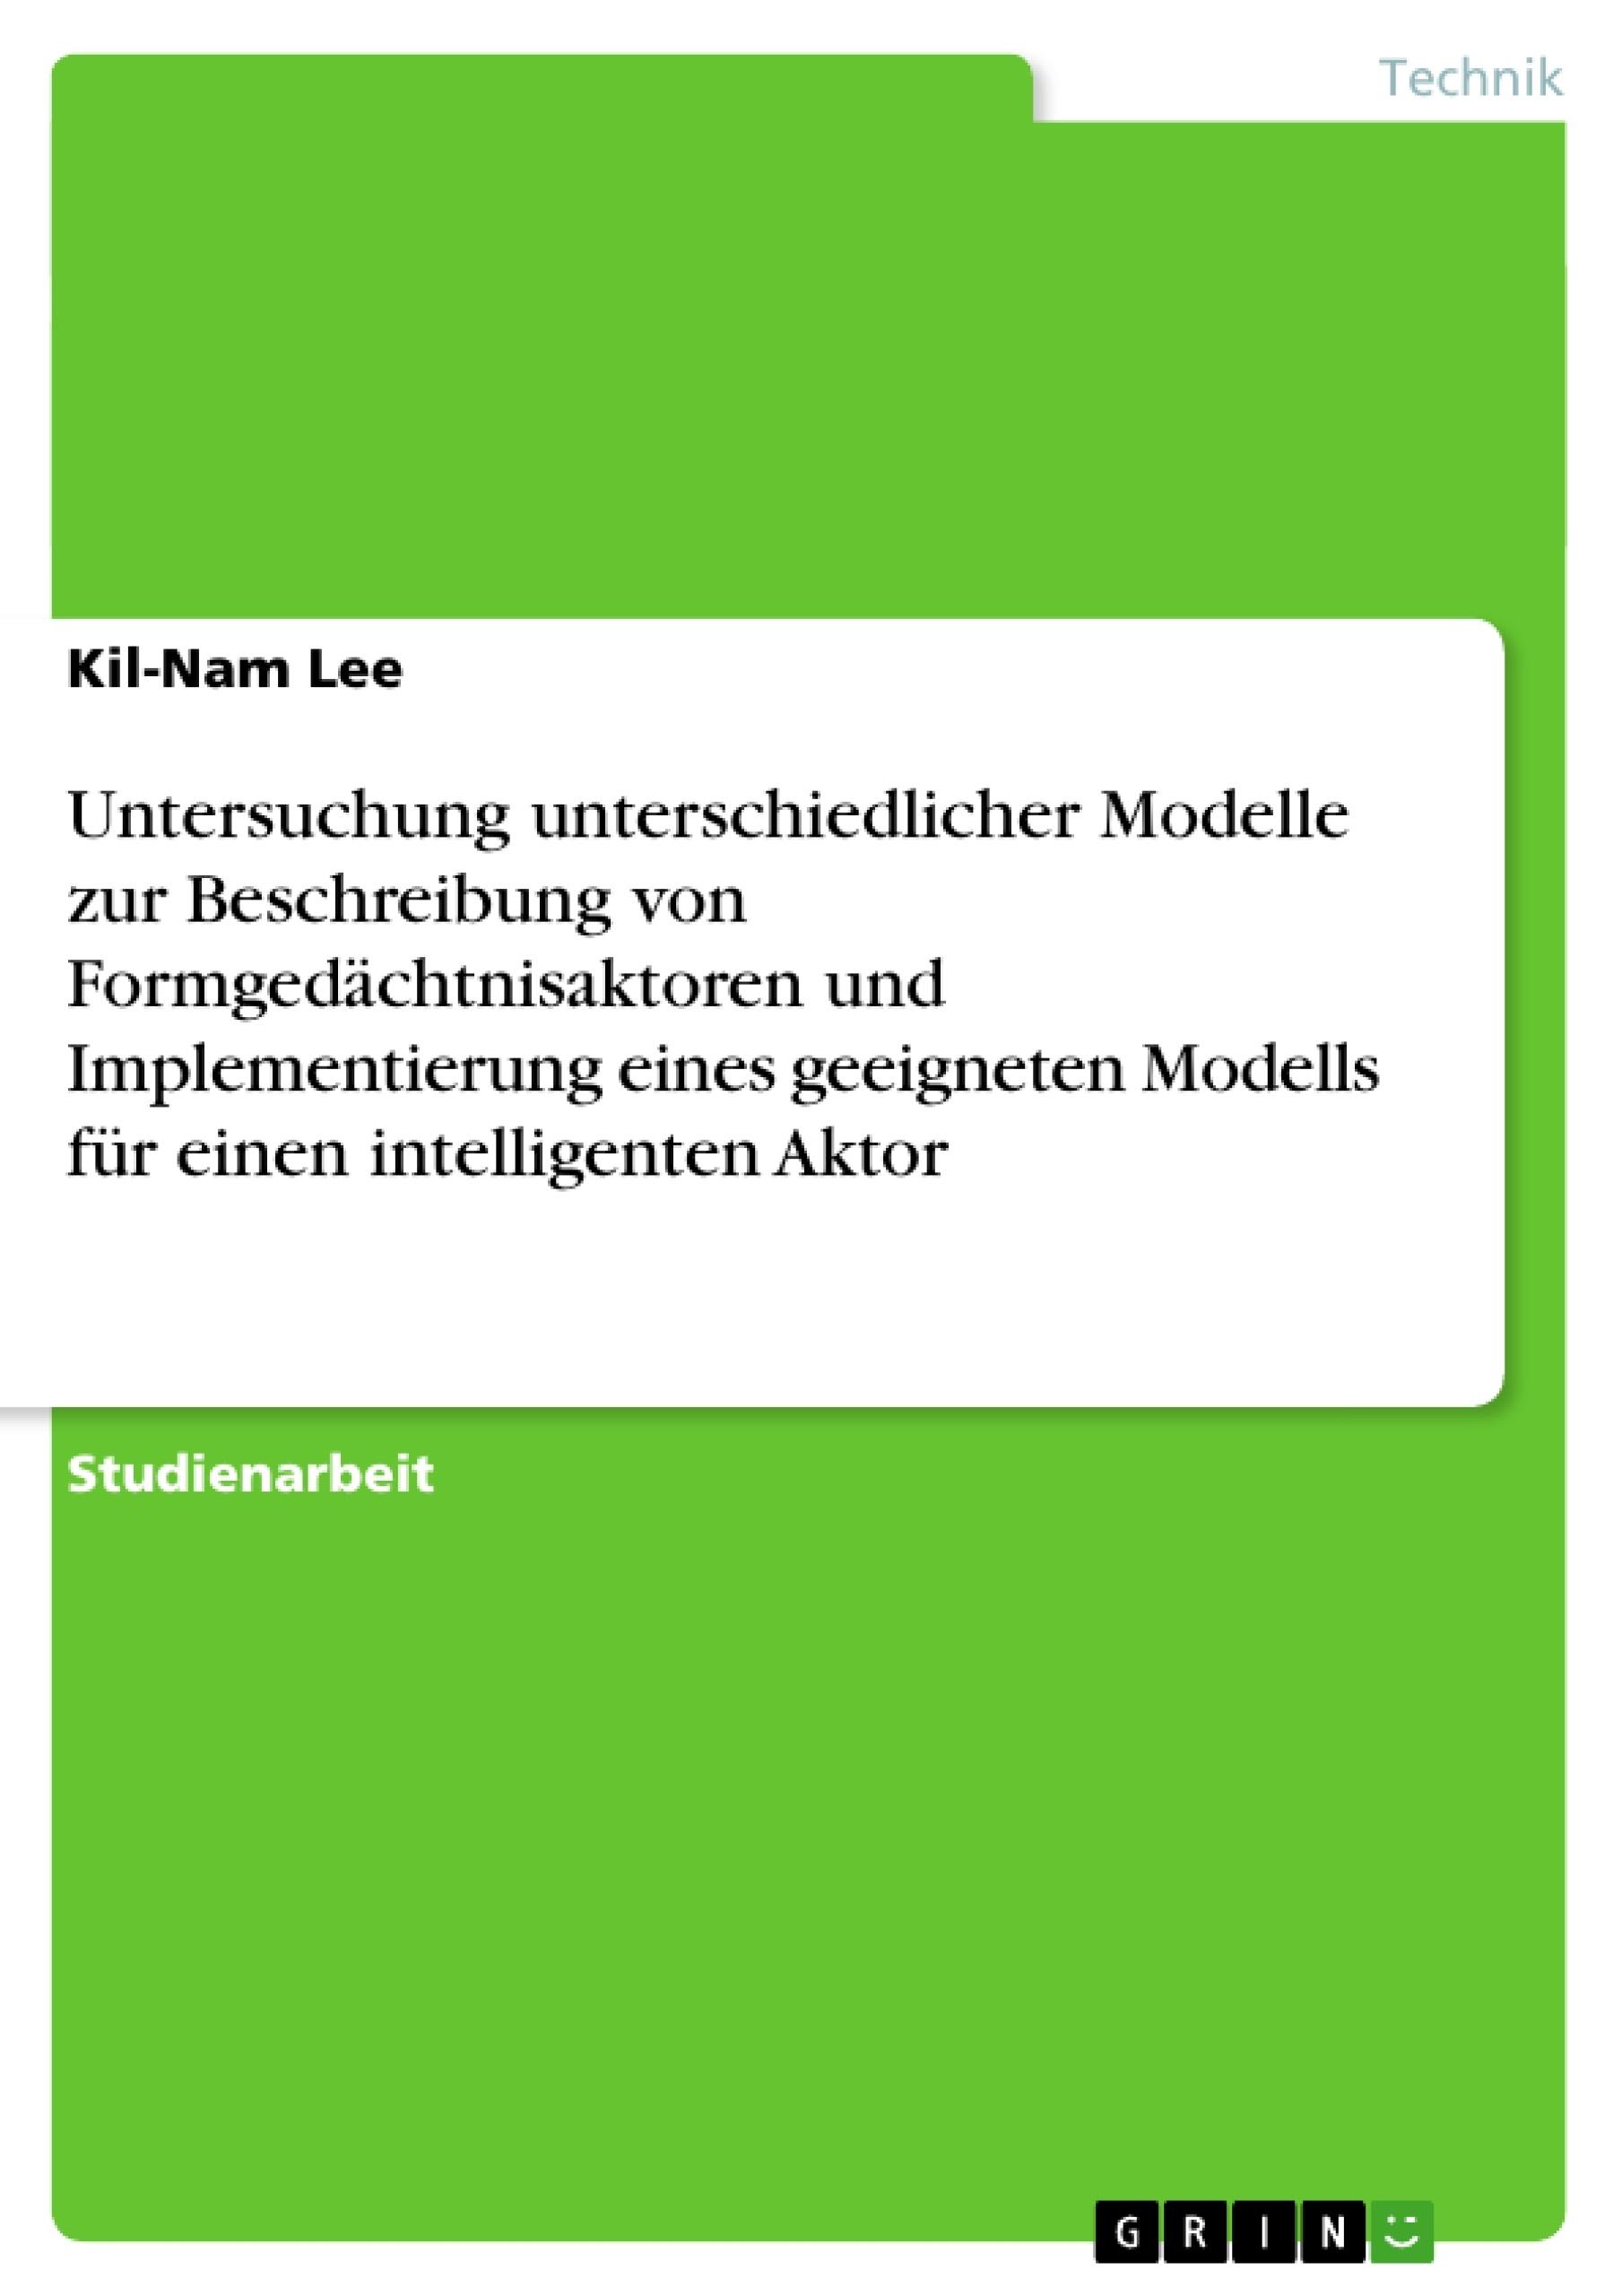 Titel: Untersuchung unterschiedlicher Modelle zur Beschreibung von Formgedächtnisaktoren und Implementierung eines geeigneten Modells für einen intelligenten Aktor